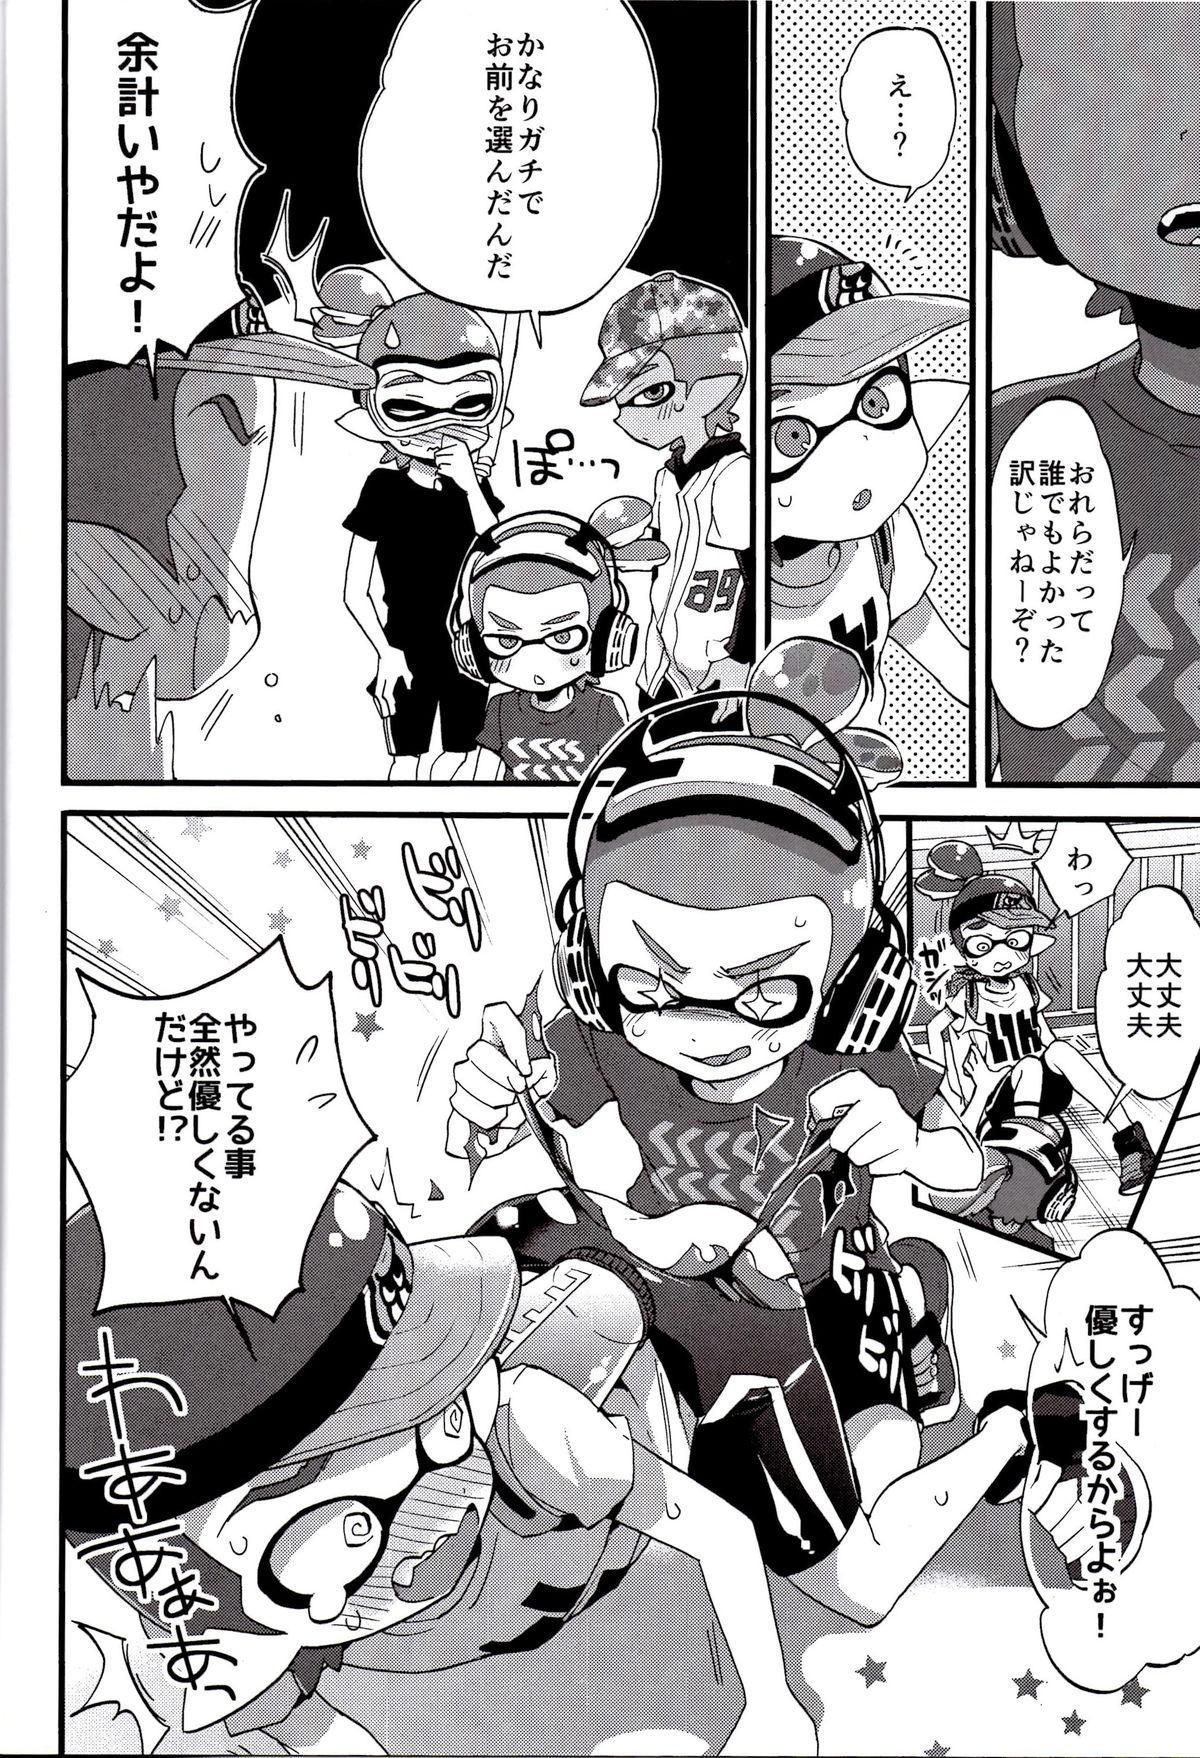 Buki no Seinou to Are no Seinou wa Onaji rashii 6